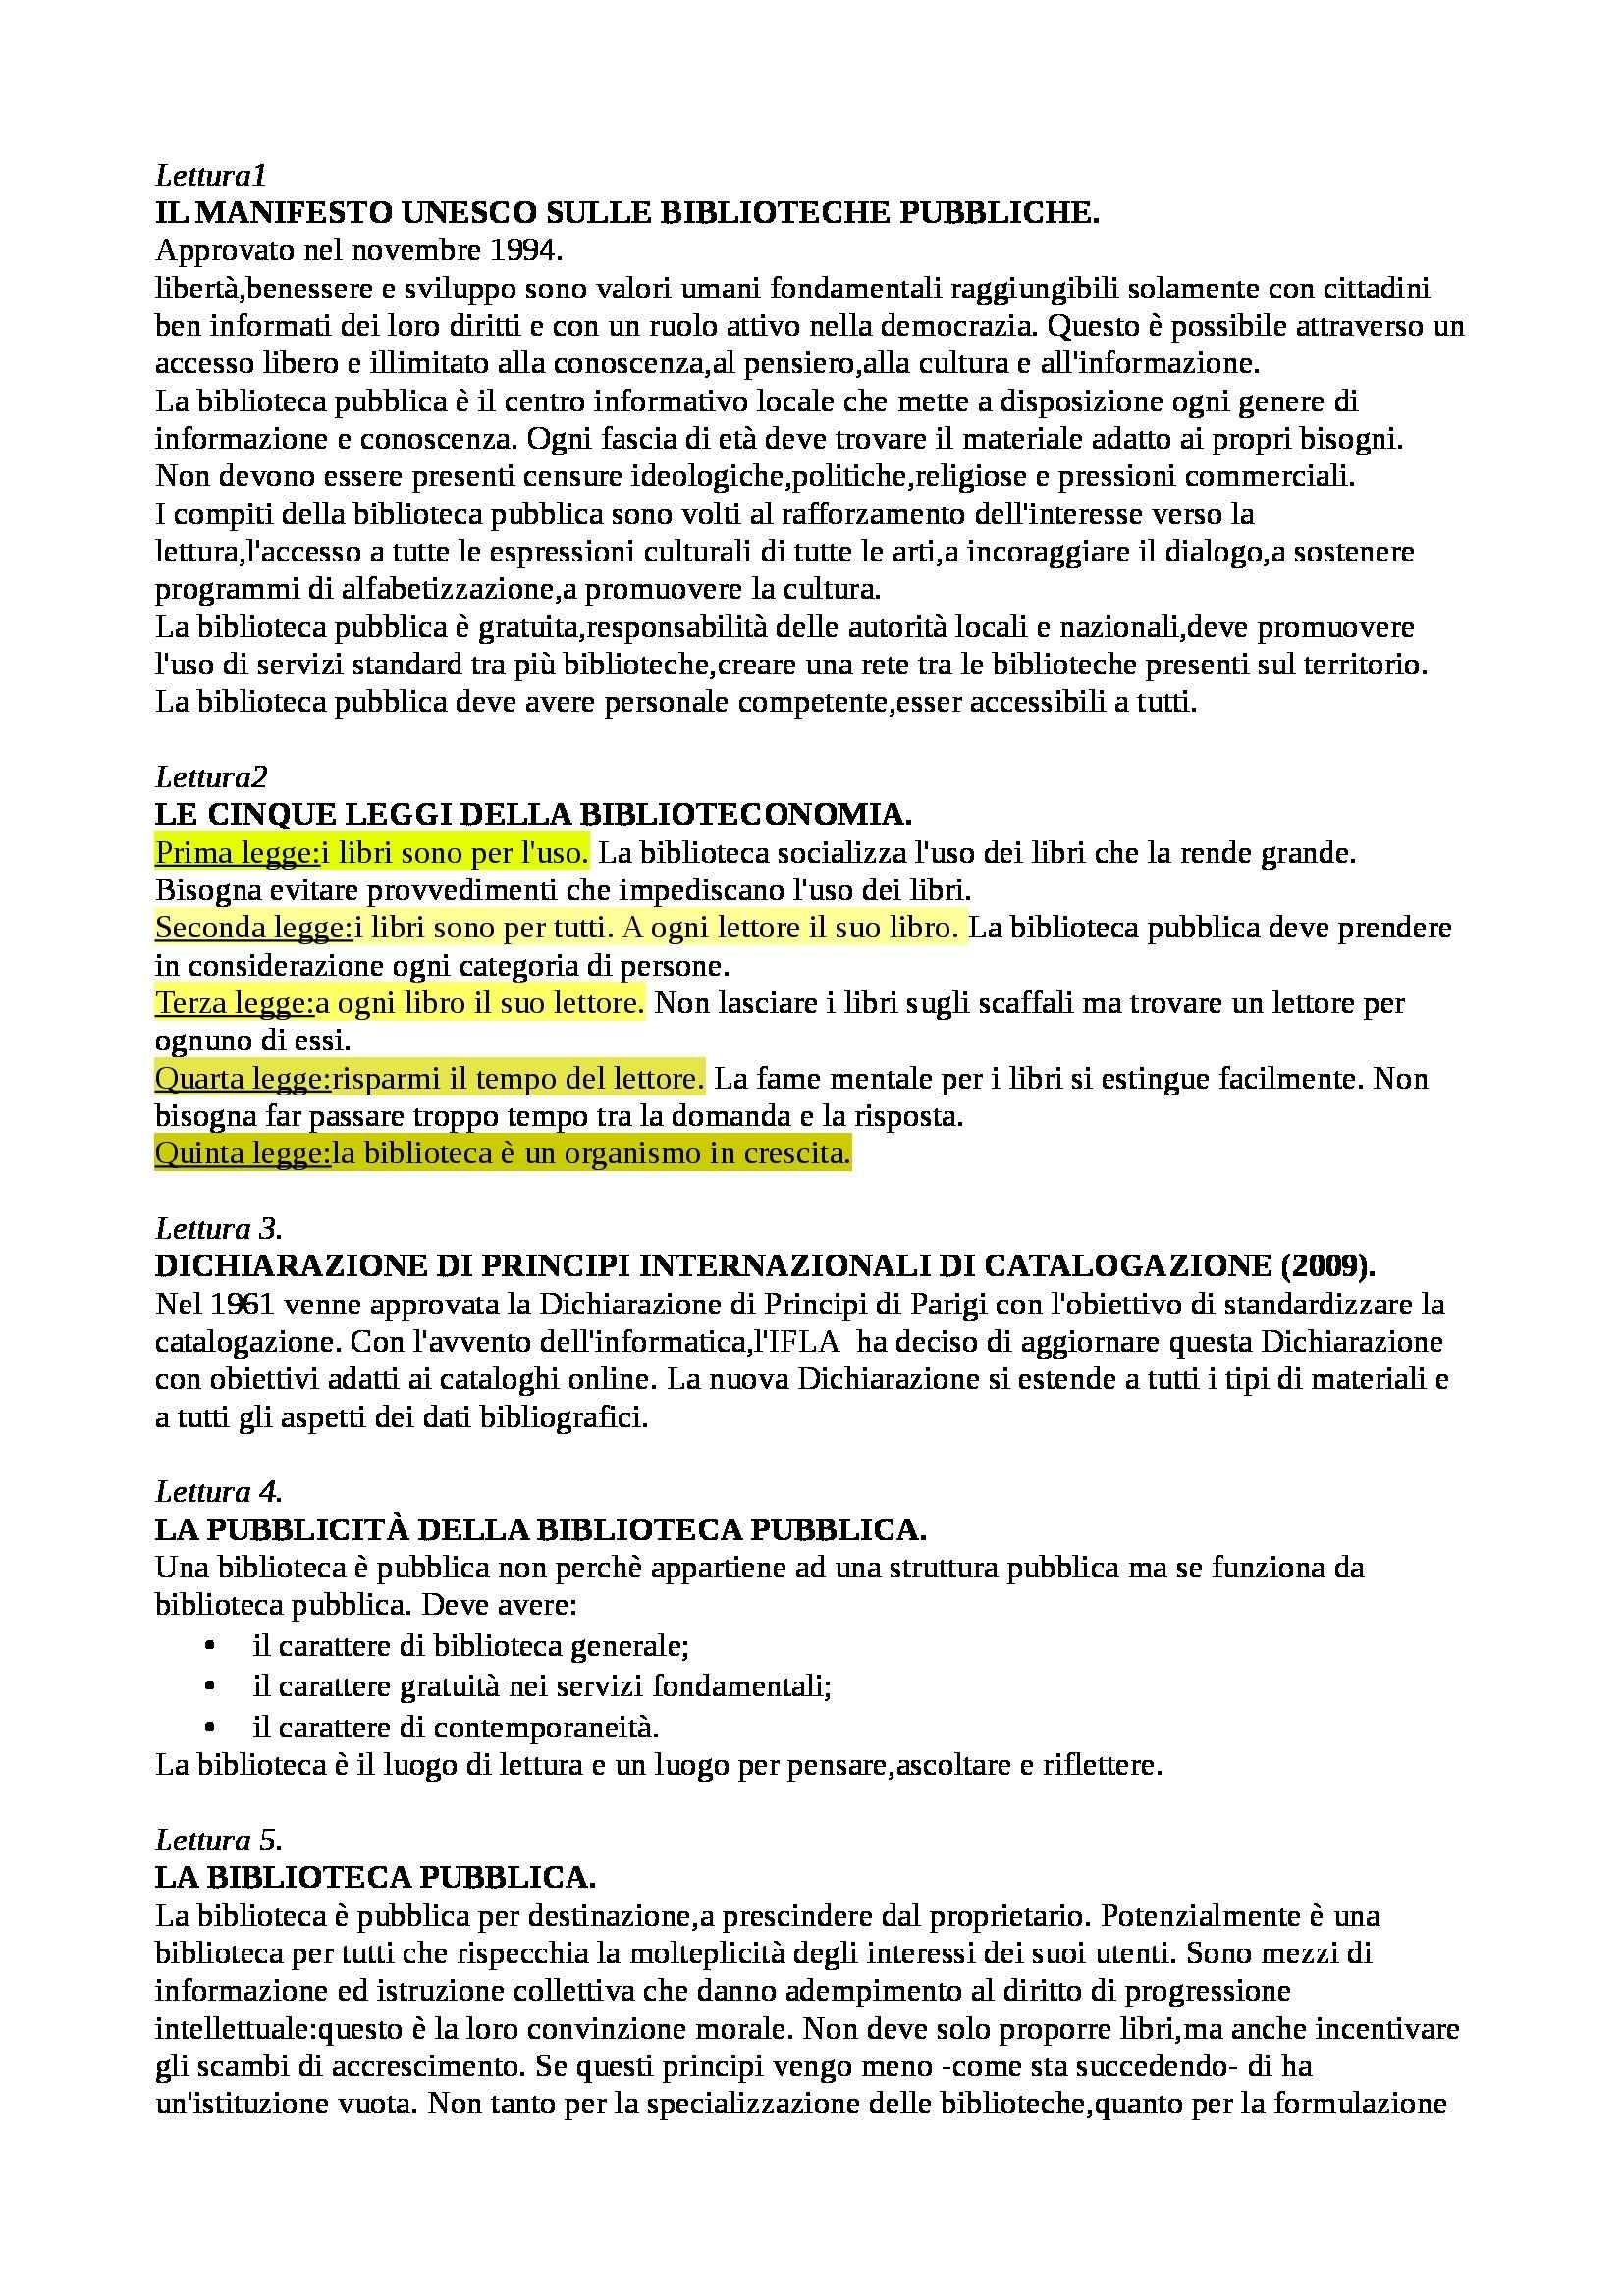 Riassunto esame Biblioteconomia: sulle letture, prof. Montecchi